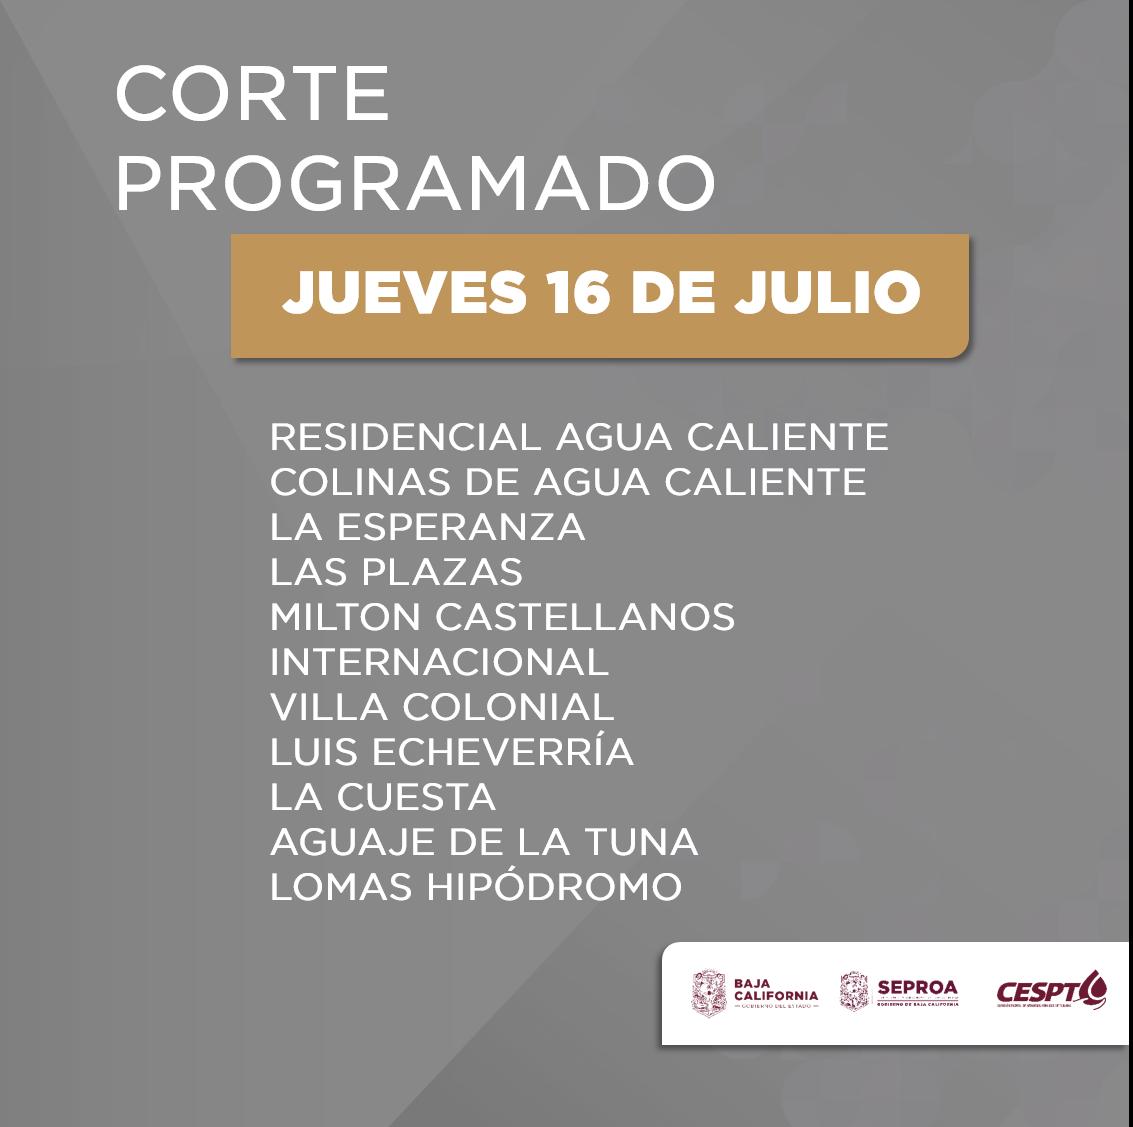 CESPT anuncia corte programado para 11 colonias en Tijuana